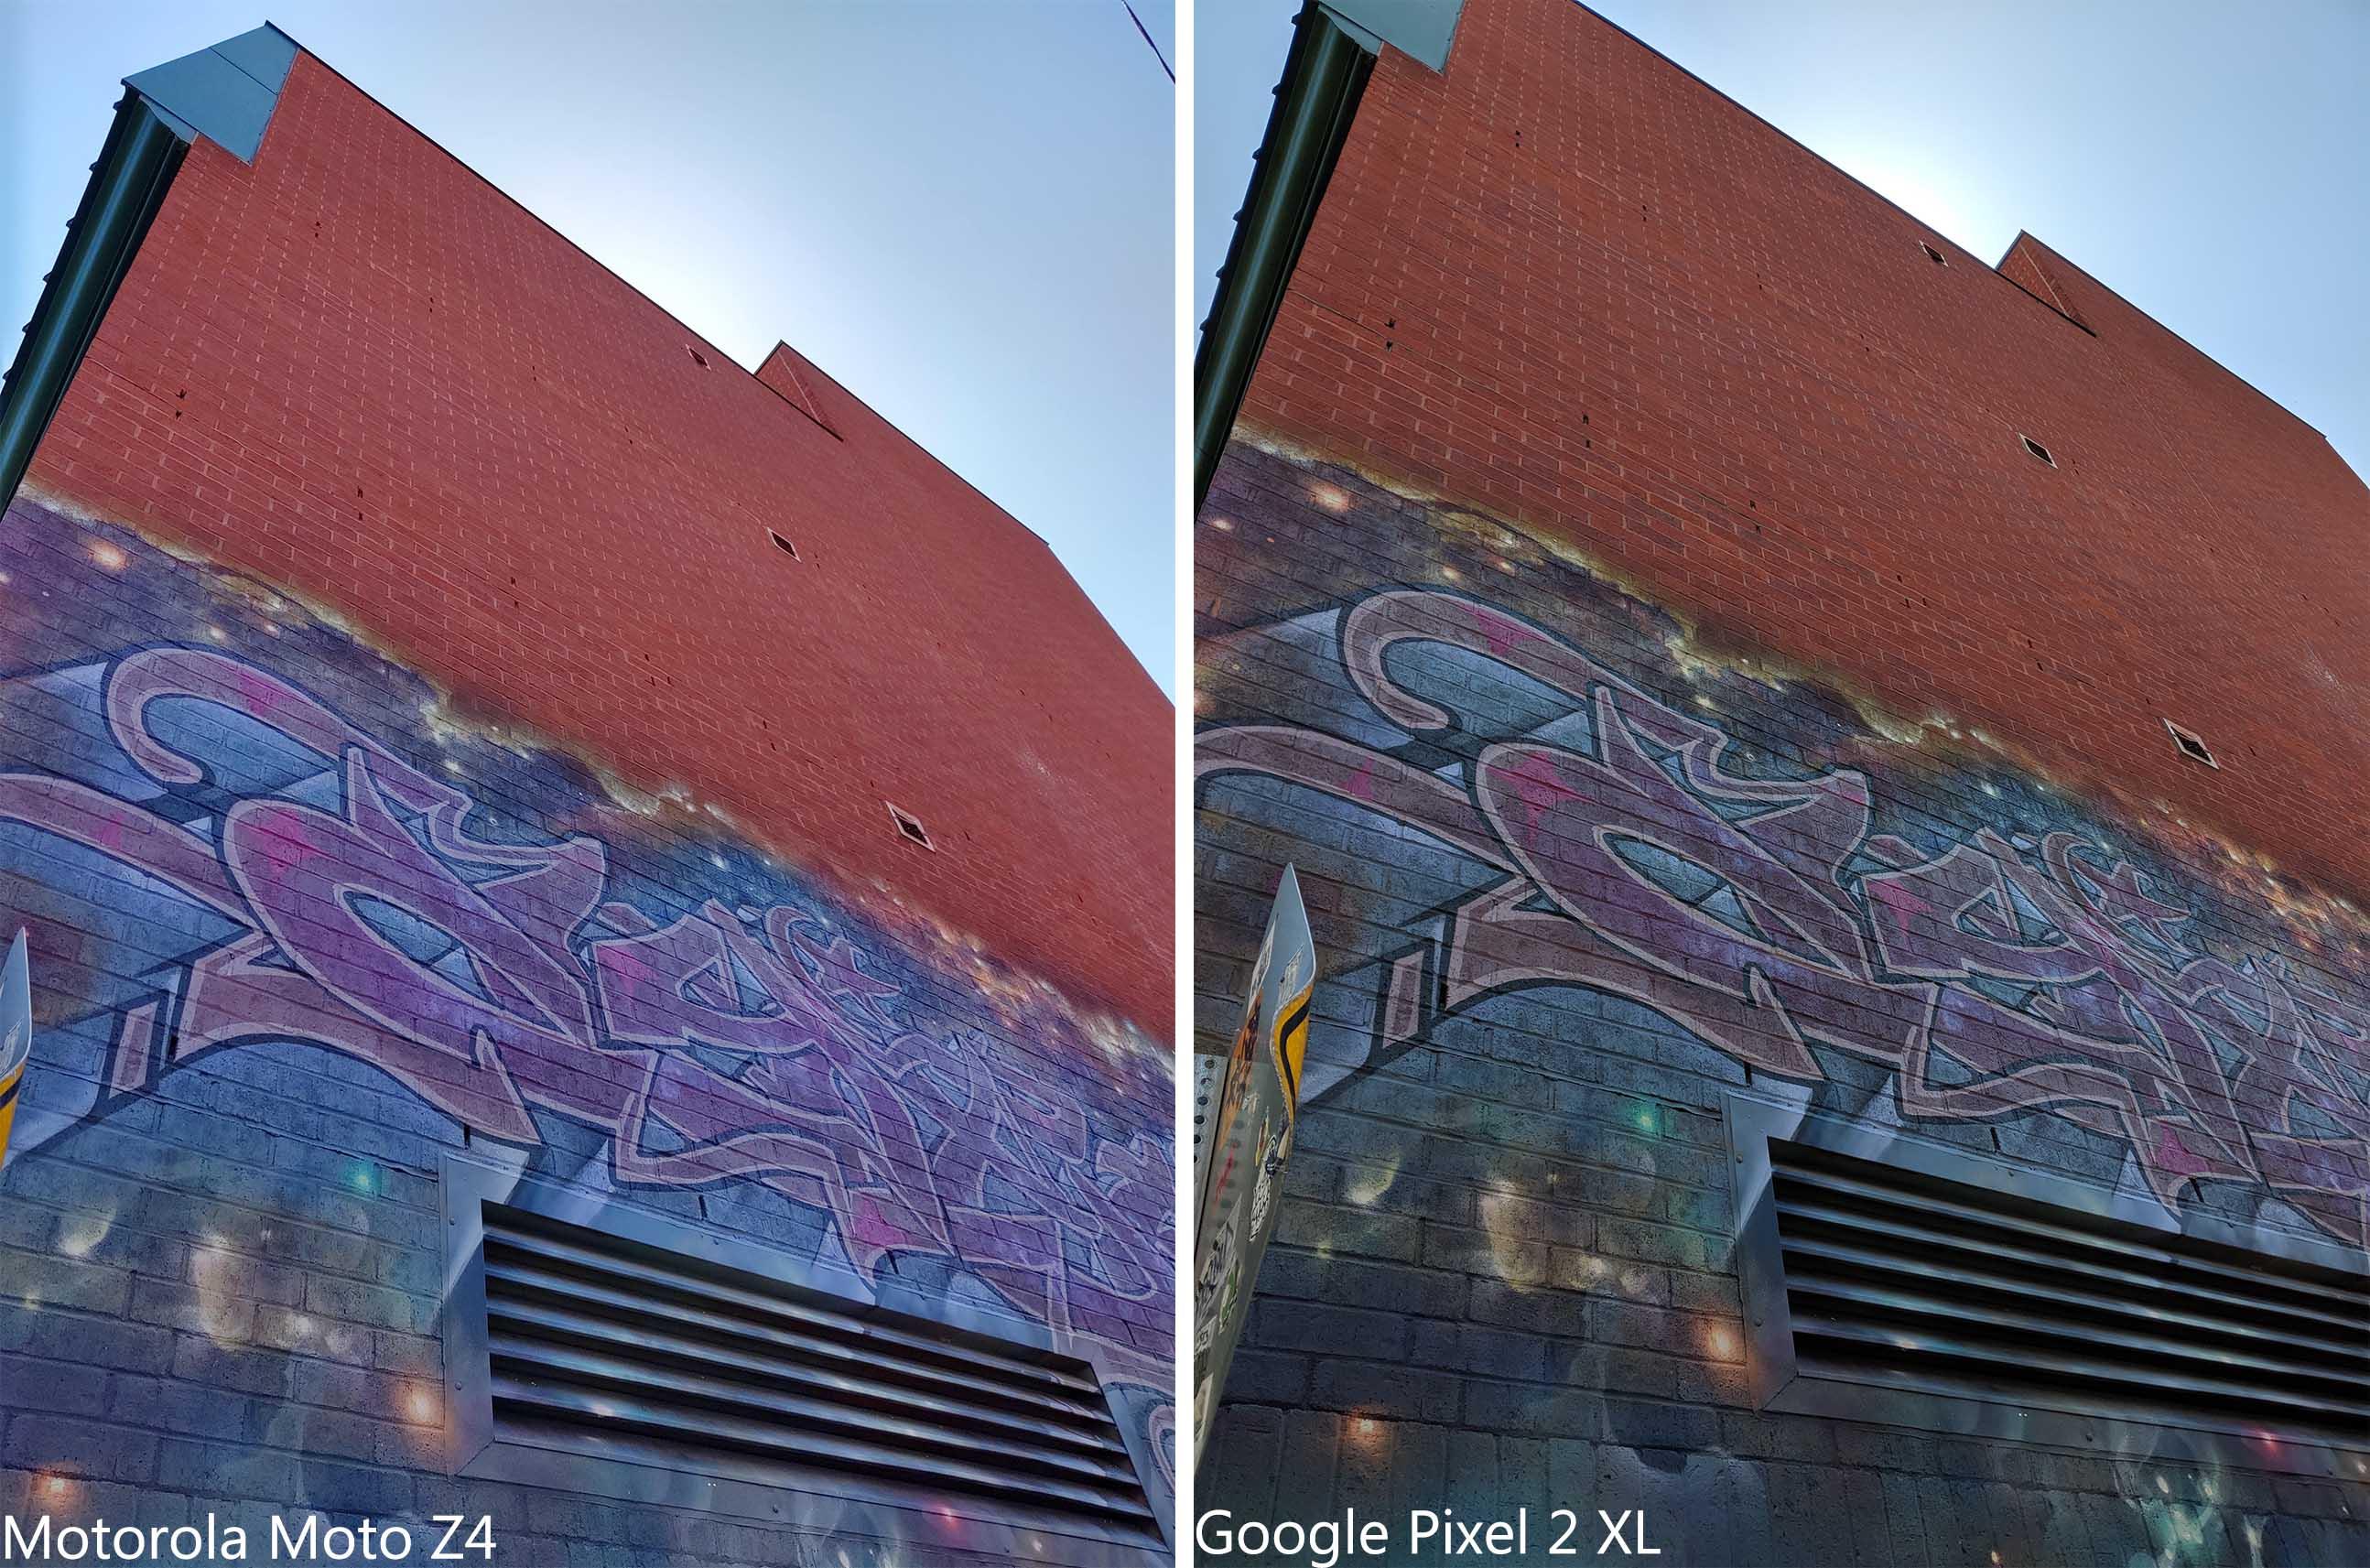 Moto Z4 vs. Google Pixel 2 XL